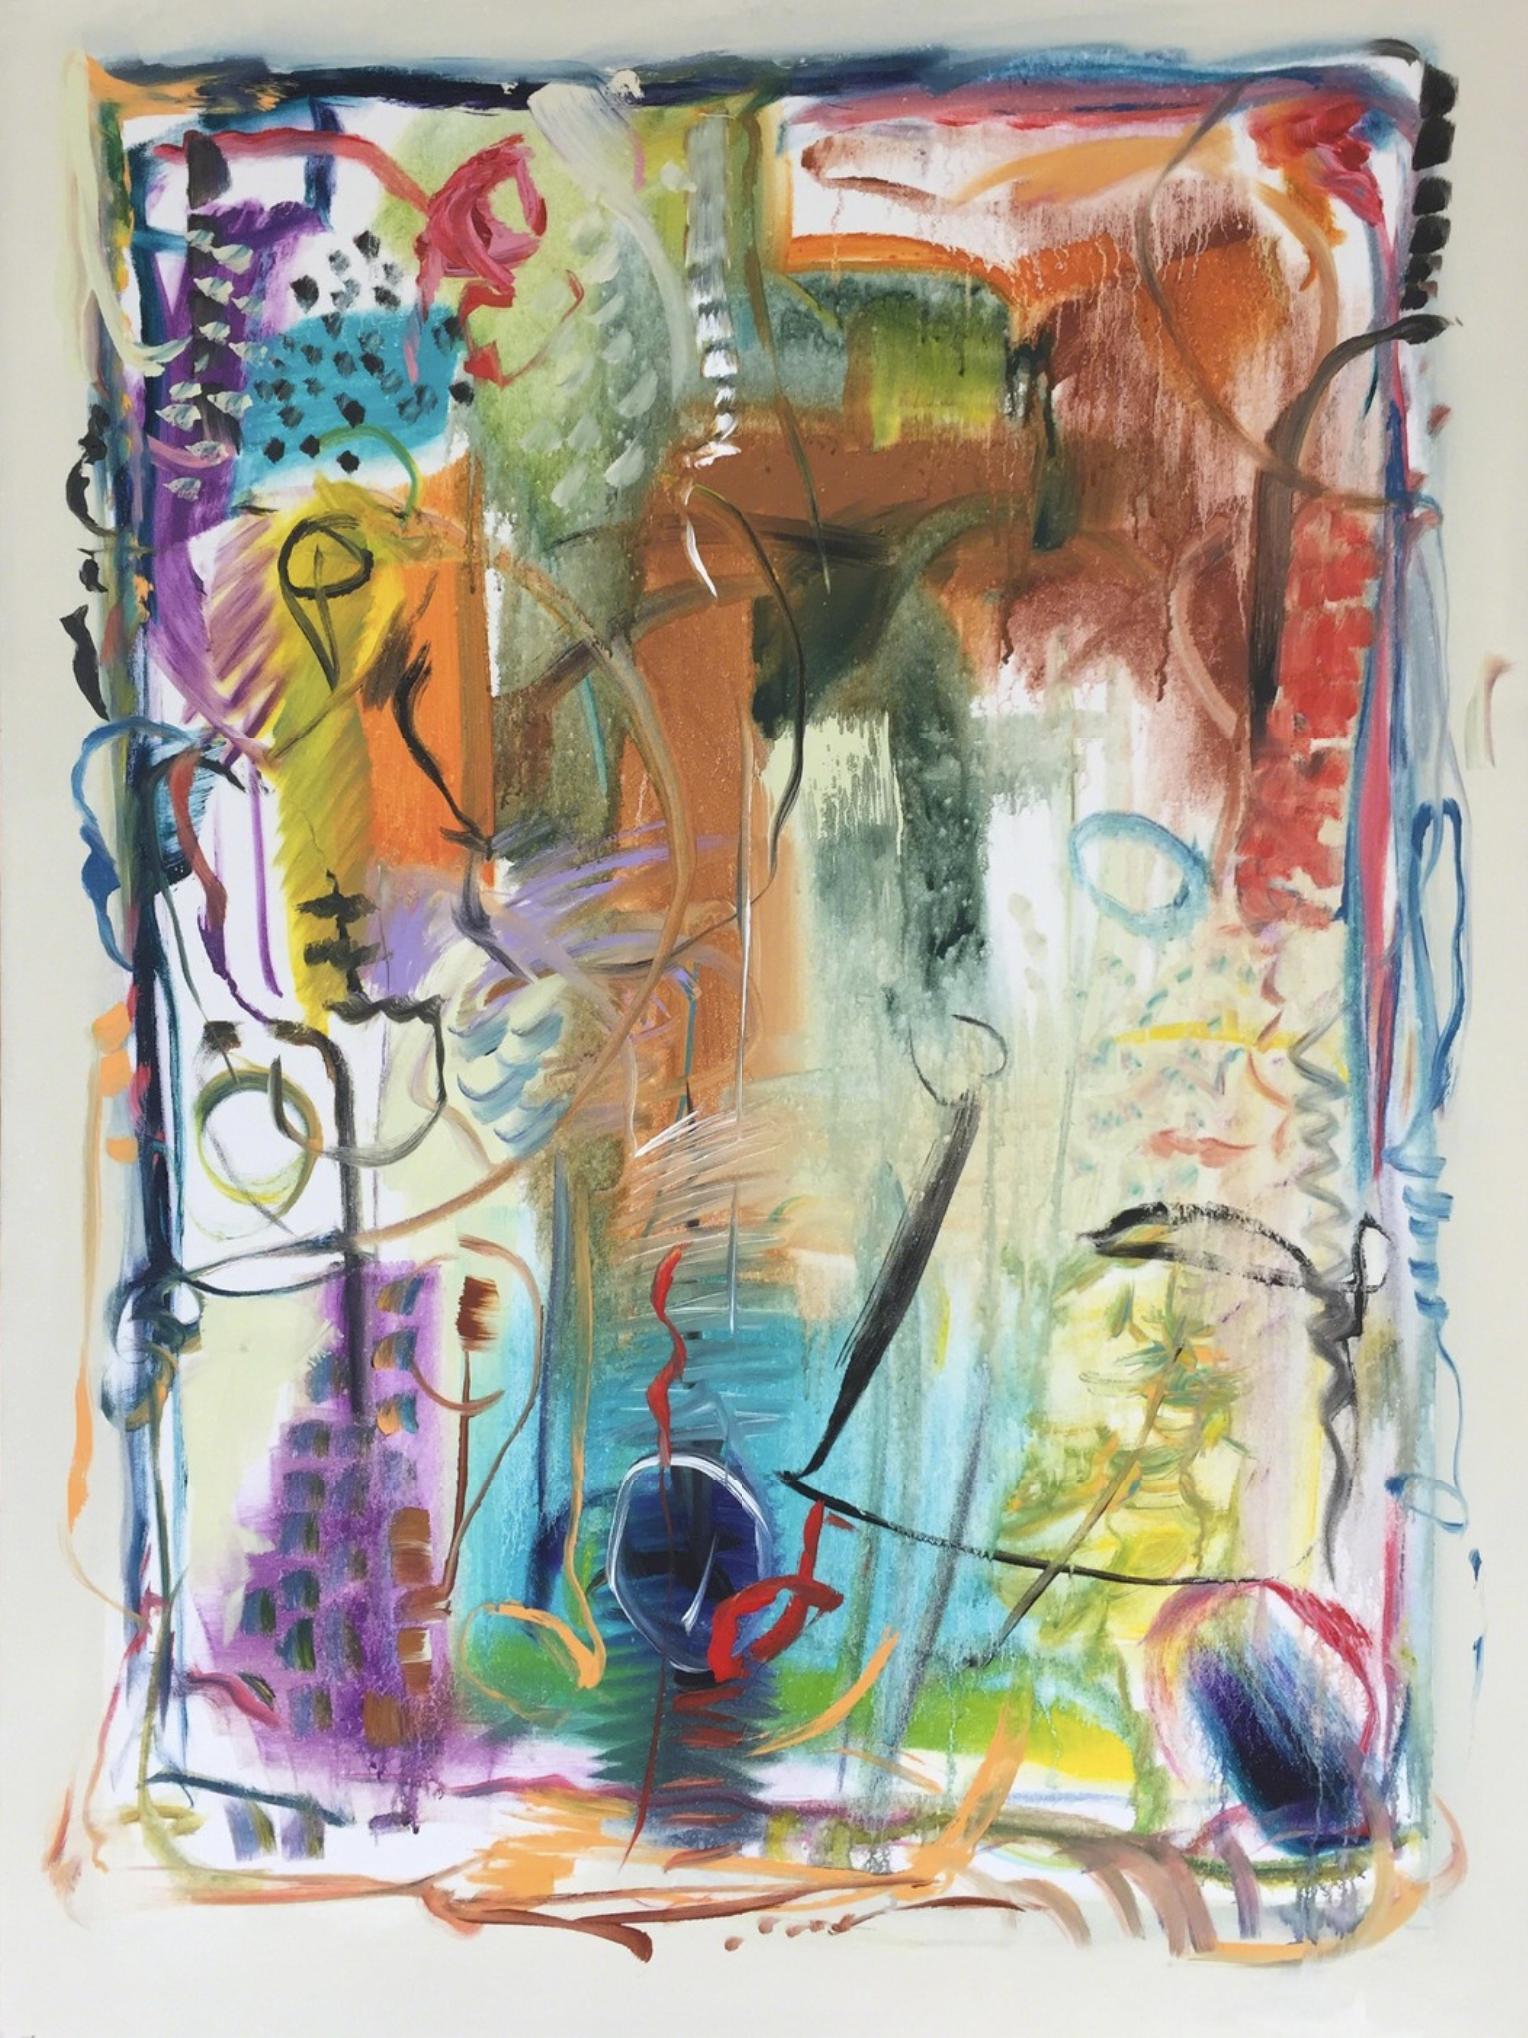 Lamar Briggs, Kyoken VIII  Acrylic on Canvas, 48x36 in.